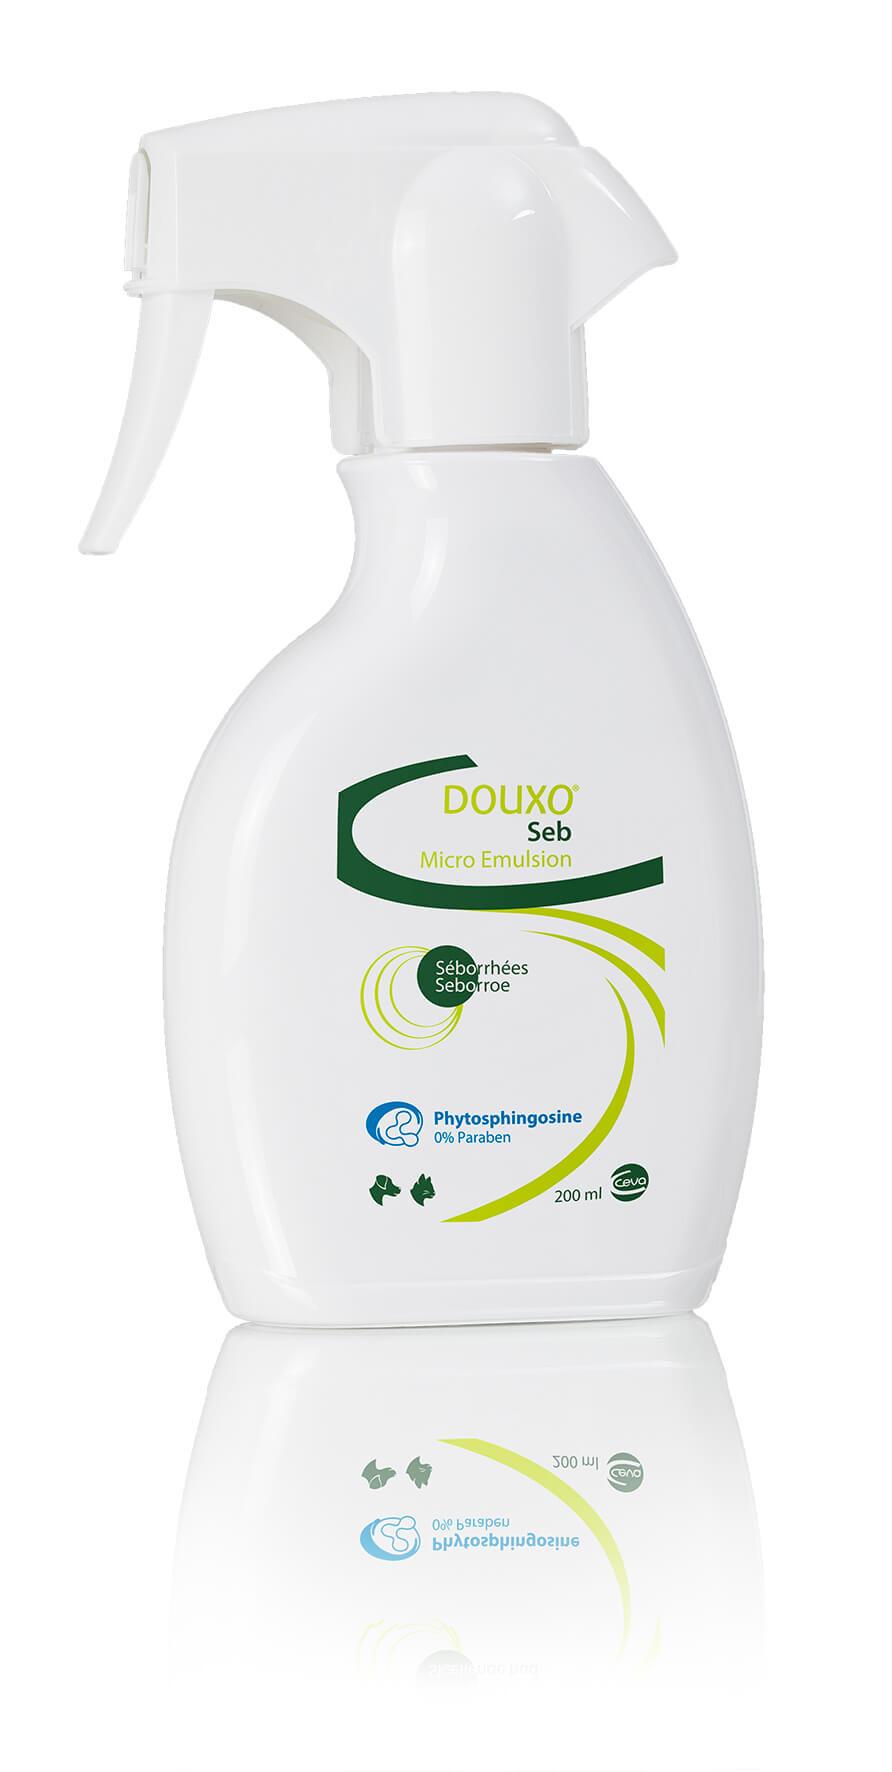 Douxo Seb Micro-Emulsie Spray